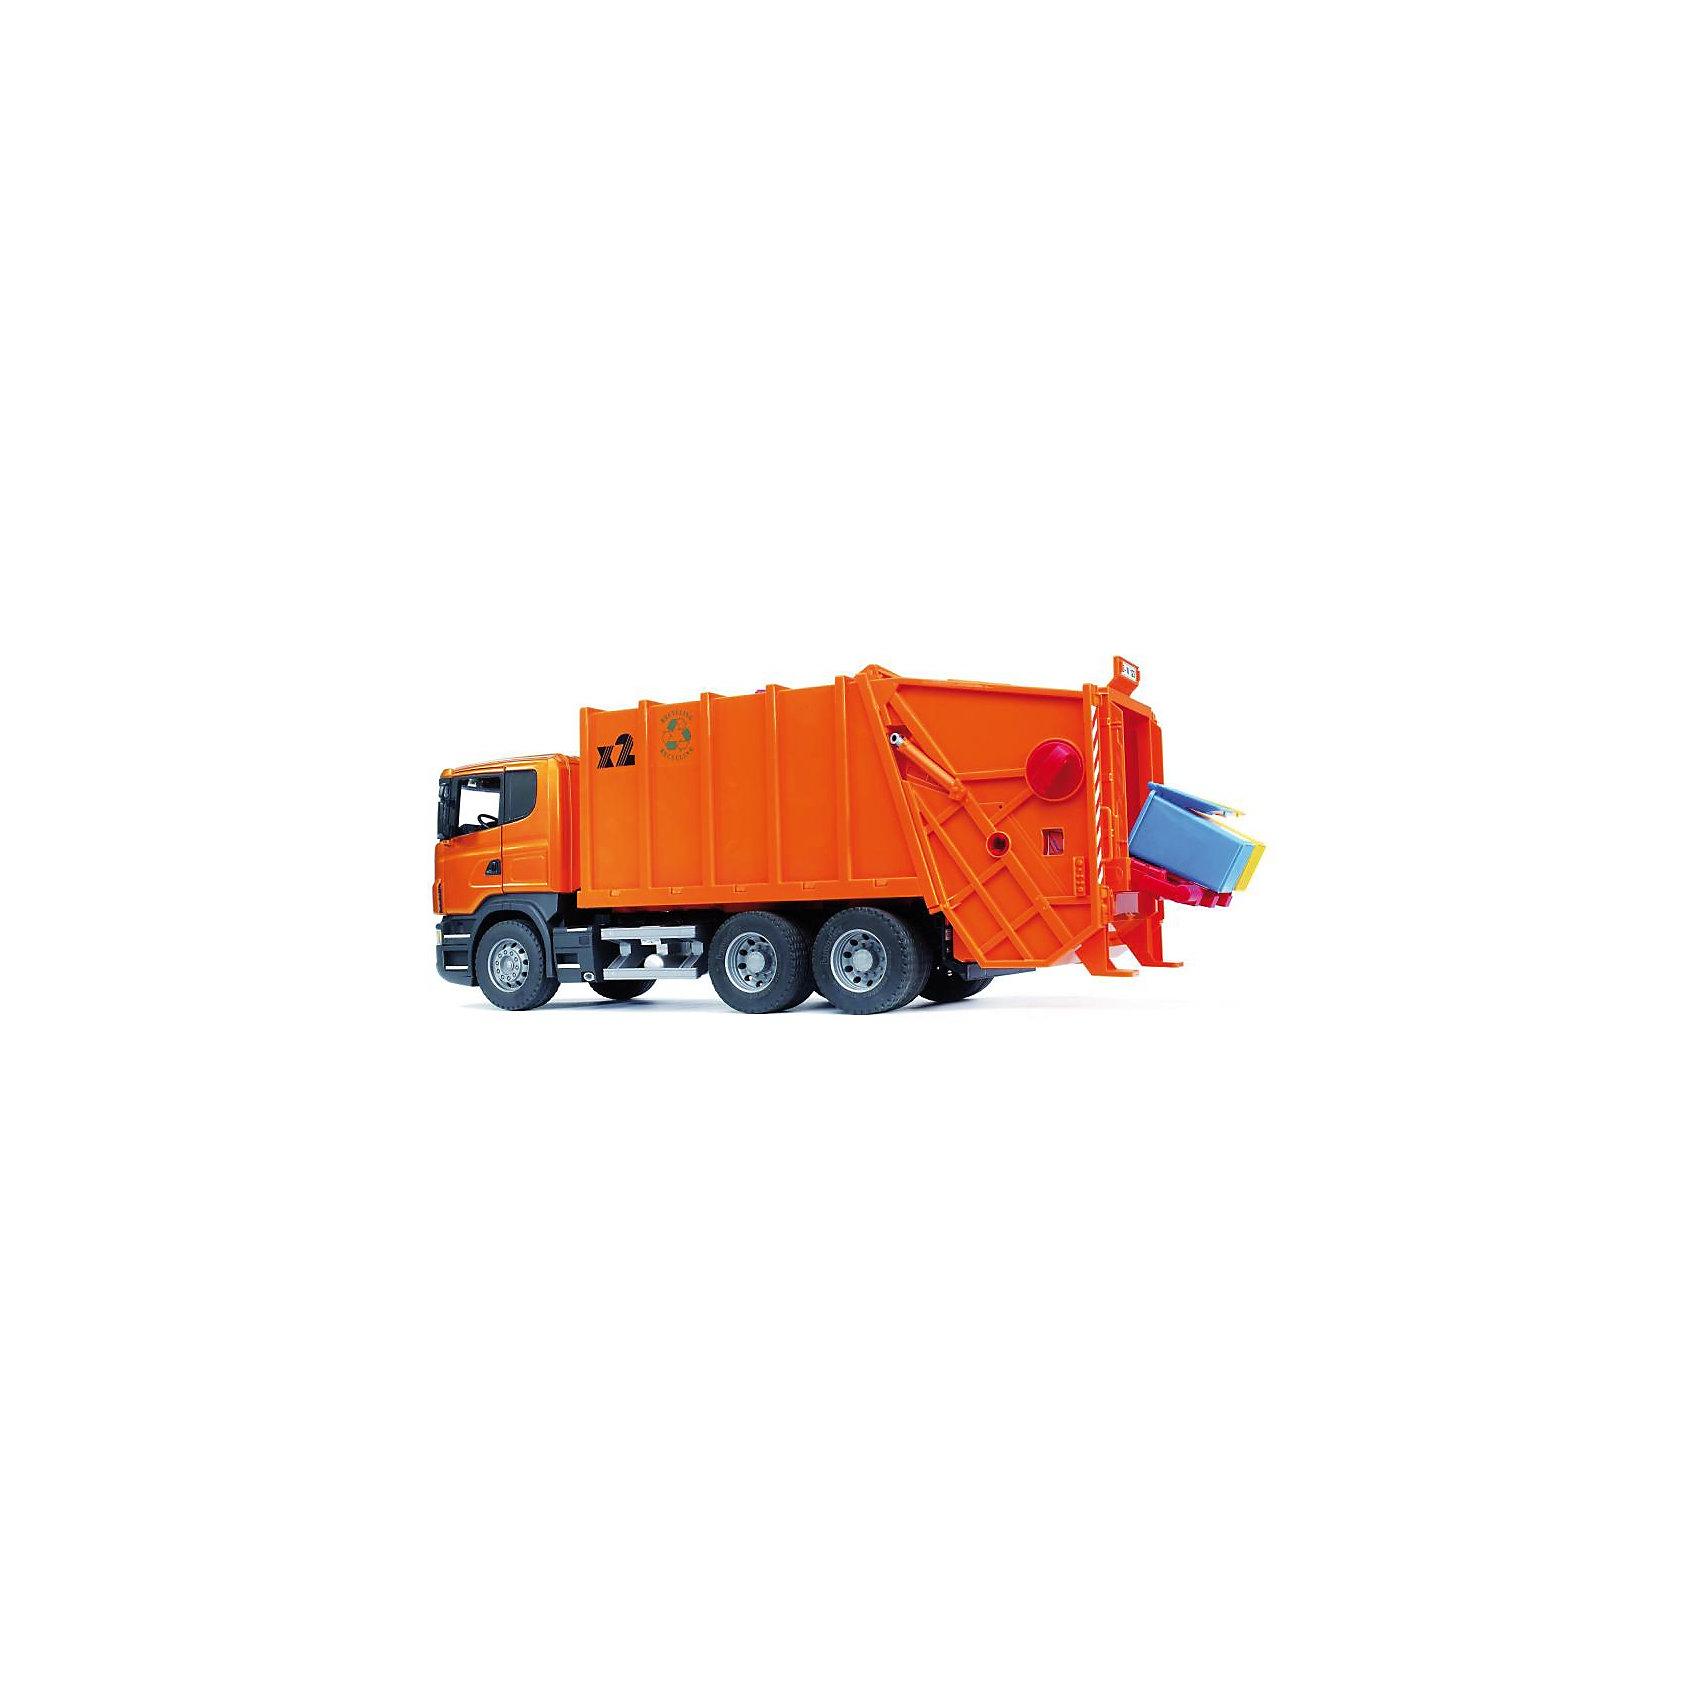 Мусоровоз Scania, BruderМусоровоз Scania (цвет оранжевый) с задней загрузкой мусорных корзин позволит ребенку в игре повторить весь процесс сбора мусора поэтапно - от загрузки до транспортировки. Компания Bruder смогла воспроизвести в игрушечной модели даже способность машины к подъему мусорных баков. <br><br>Дополнительная информация:<br> <br>- кабина спереди застеклена прозрачным поликарбонатом, оборудована вращающимся рулем, 2 креслами и декоративными рычагами, откидывается для доступа к двигателю<br>- зеркала заднего вида складываются  <br>- кузов машины состоит из двух отсеков для мусора, задний отсек поднимается вручную <br>- подъемник мусорных корзин забрасывает мусор из корзин в заднюю часть мусорного контейнера <br>- сдвигающийся пресс мусорного контейнера управляется красной ручкой <br>- приёмный контейнер оснащен телескопическим механизмом, поднимается для отгрузки на 45° <br>- лопата для отгрузки мусора приводится в движение вращением ручки на крыше кузова <br>- мусорные баки закрепляются на подъемном механизме с помощью держателя, крышки баков открываются <br>- колеса с крупными протекторами <br>- мусоровоз Scania Брудер при вращении рукоятки поднимает и опустошает мусорные баки <br>- в комплекте: мусоровоз Scania оранжевый Брудер, 2 мусорных бака <br>- размеры: длина машины-62 см, высота-26 см. Баки 7Х6 см <br>- масштаб 1:16<br>- материал: ударопрочная пластмасса, колеса резиновые<br><br>Мусоровоз Scania, Bruder можно купить в нашем магазине.<br><br>Ширина мм: 708<br>Глубина мм: 291<br>Высота мм: 213<br>Вес г: 3192<br>Возраст от месяцев: 36<br>Возраст до месяцев: 96<br>Пол: Мужской<br>Возраст: Детский<br>SKU: 1999717